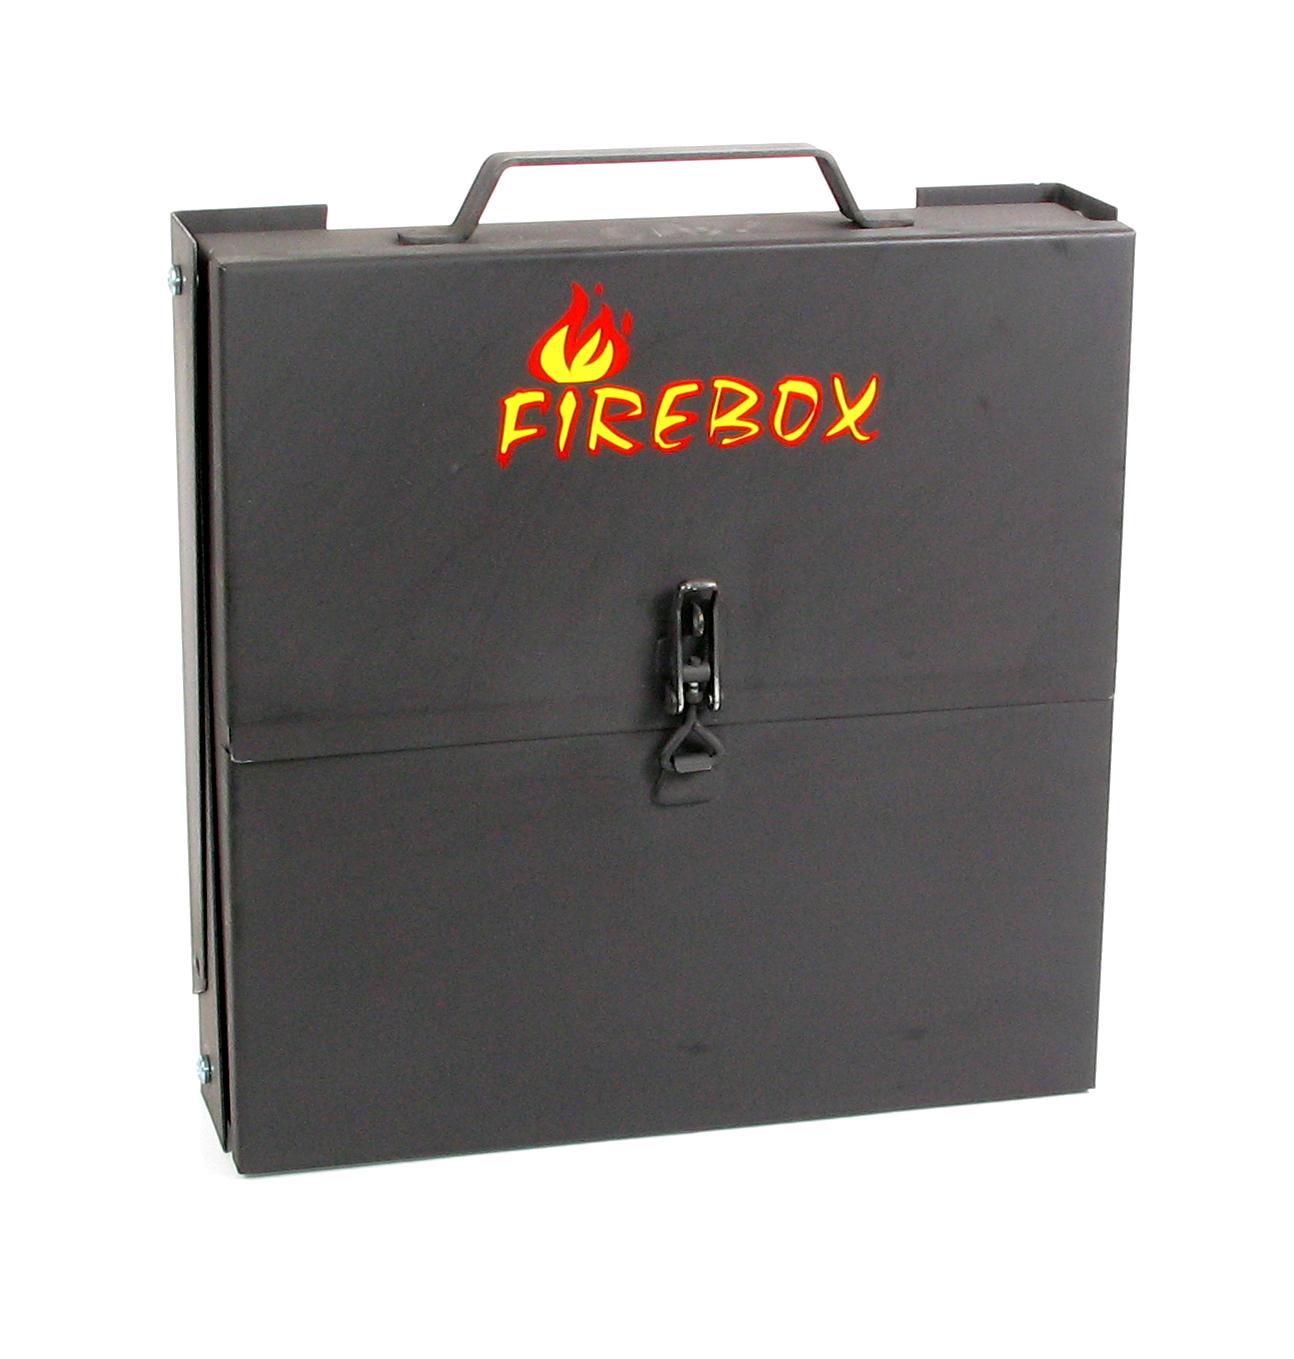 https://www.jaktbutiken.se/bilder/firebox_4P_svart_.jpg